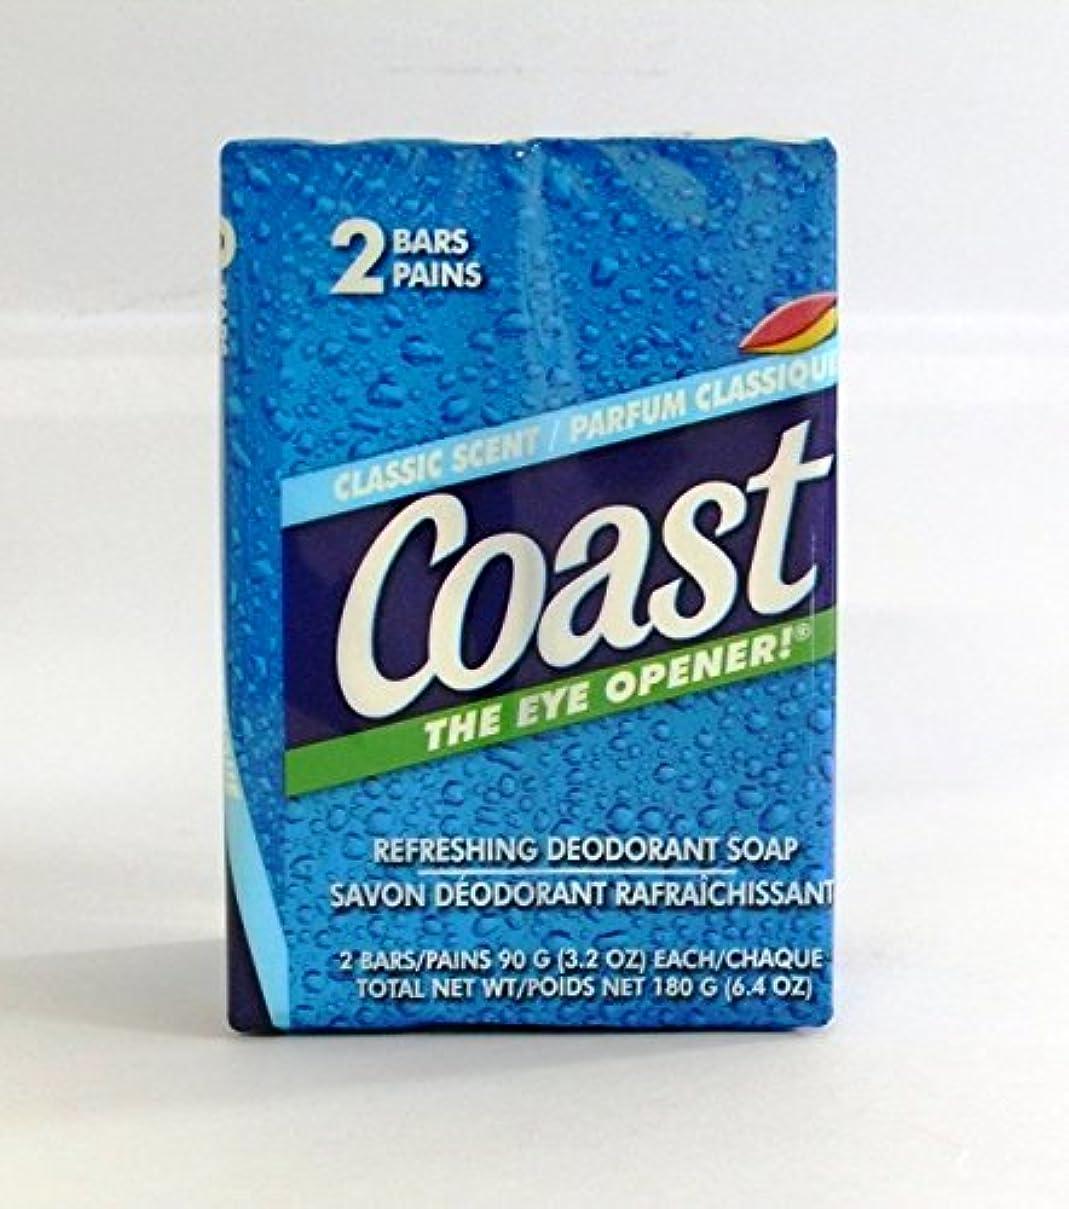 平等小麦粉オンコースト 固形石鹸 クラシックセント 90g 2個入